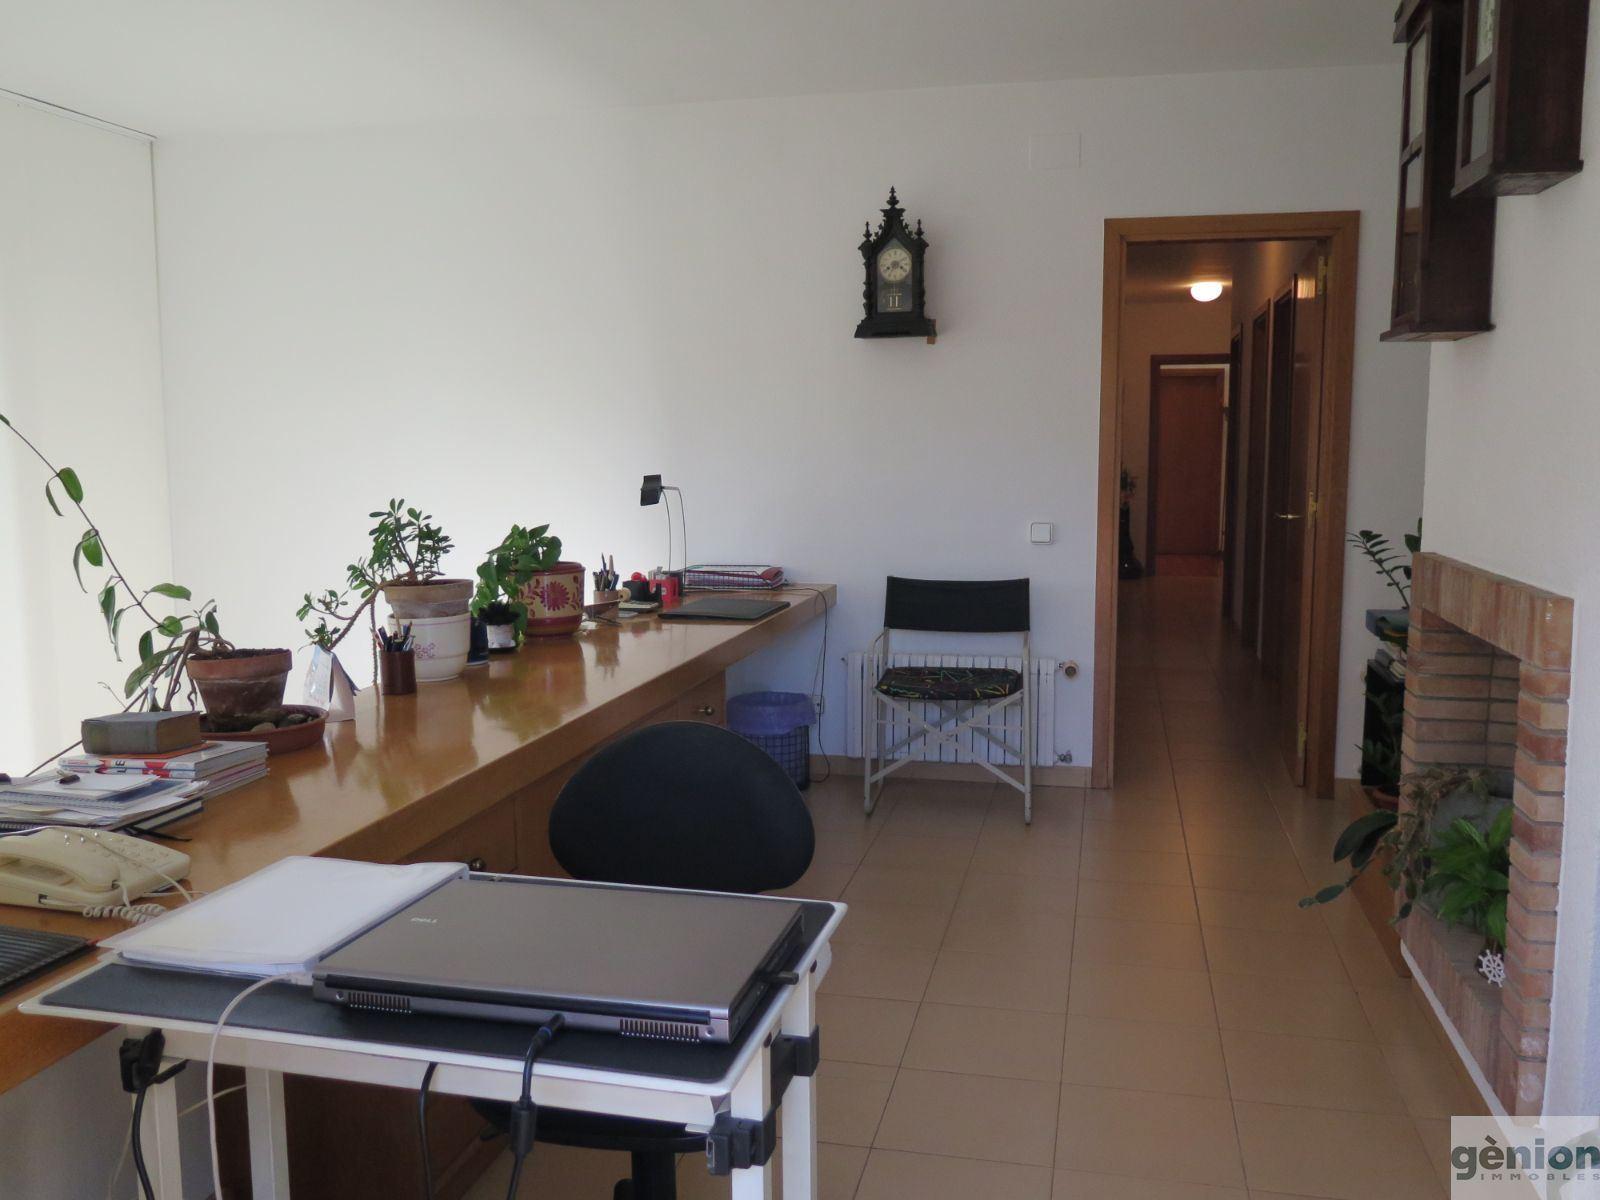 CASA GRANDE EN GIRONA, MONTJUÏC. 368M² CONSTRUIDOS Y PARCELA DE 956M²